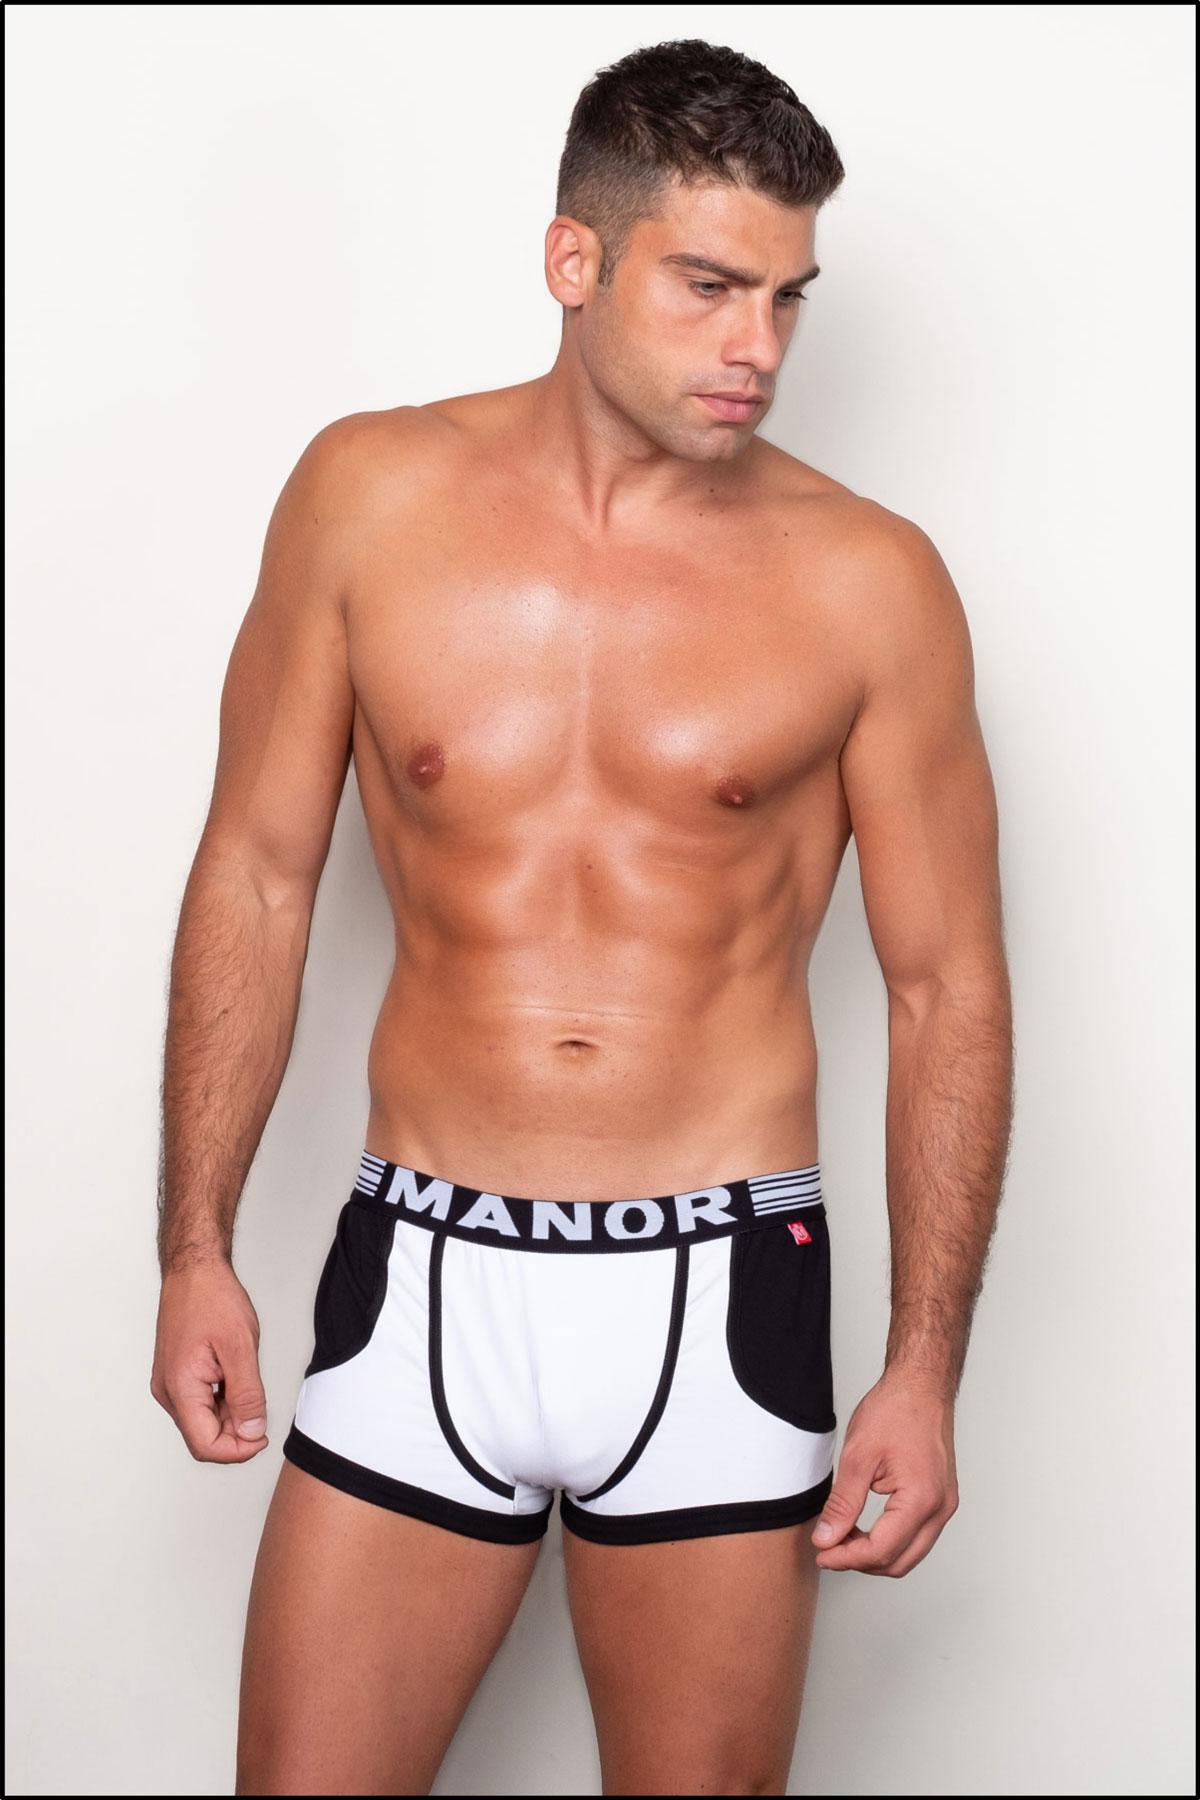 Manor underwear muške bokserice Underwear